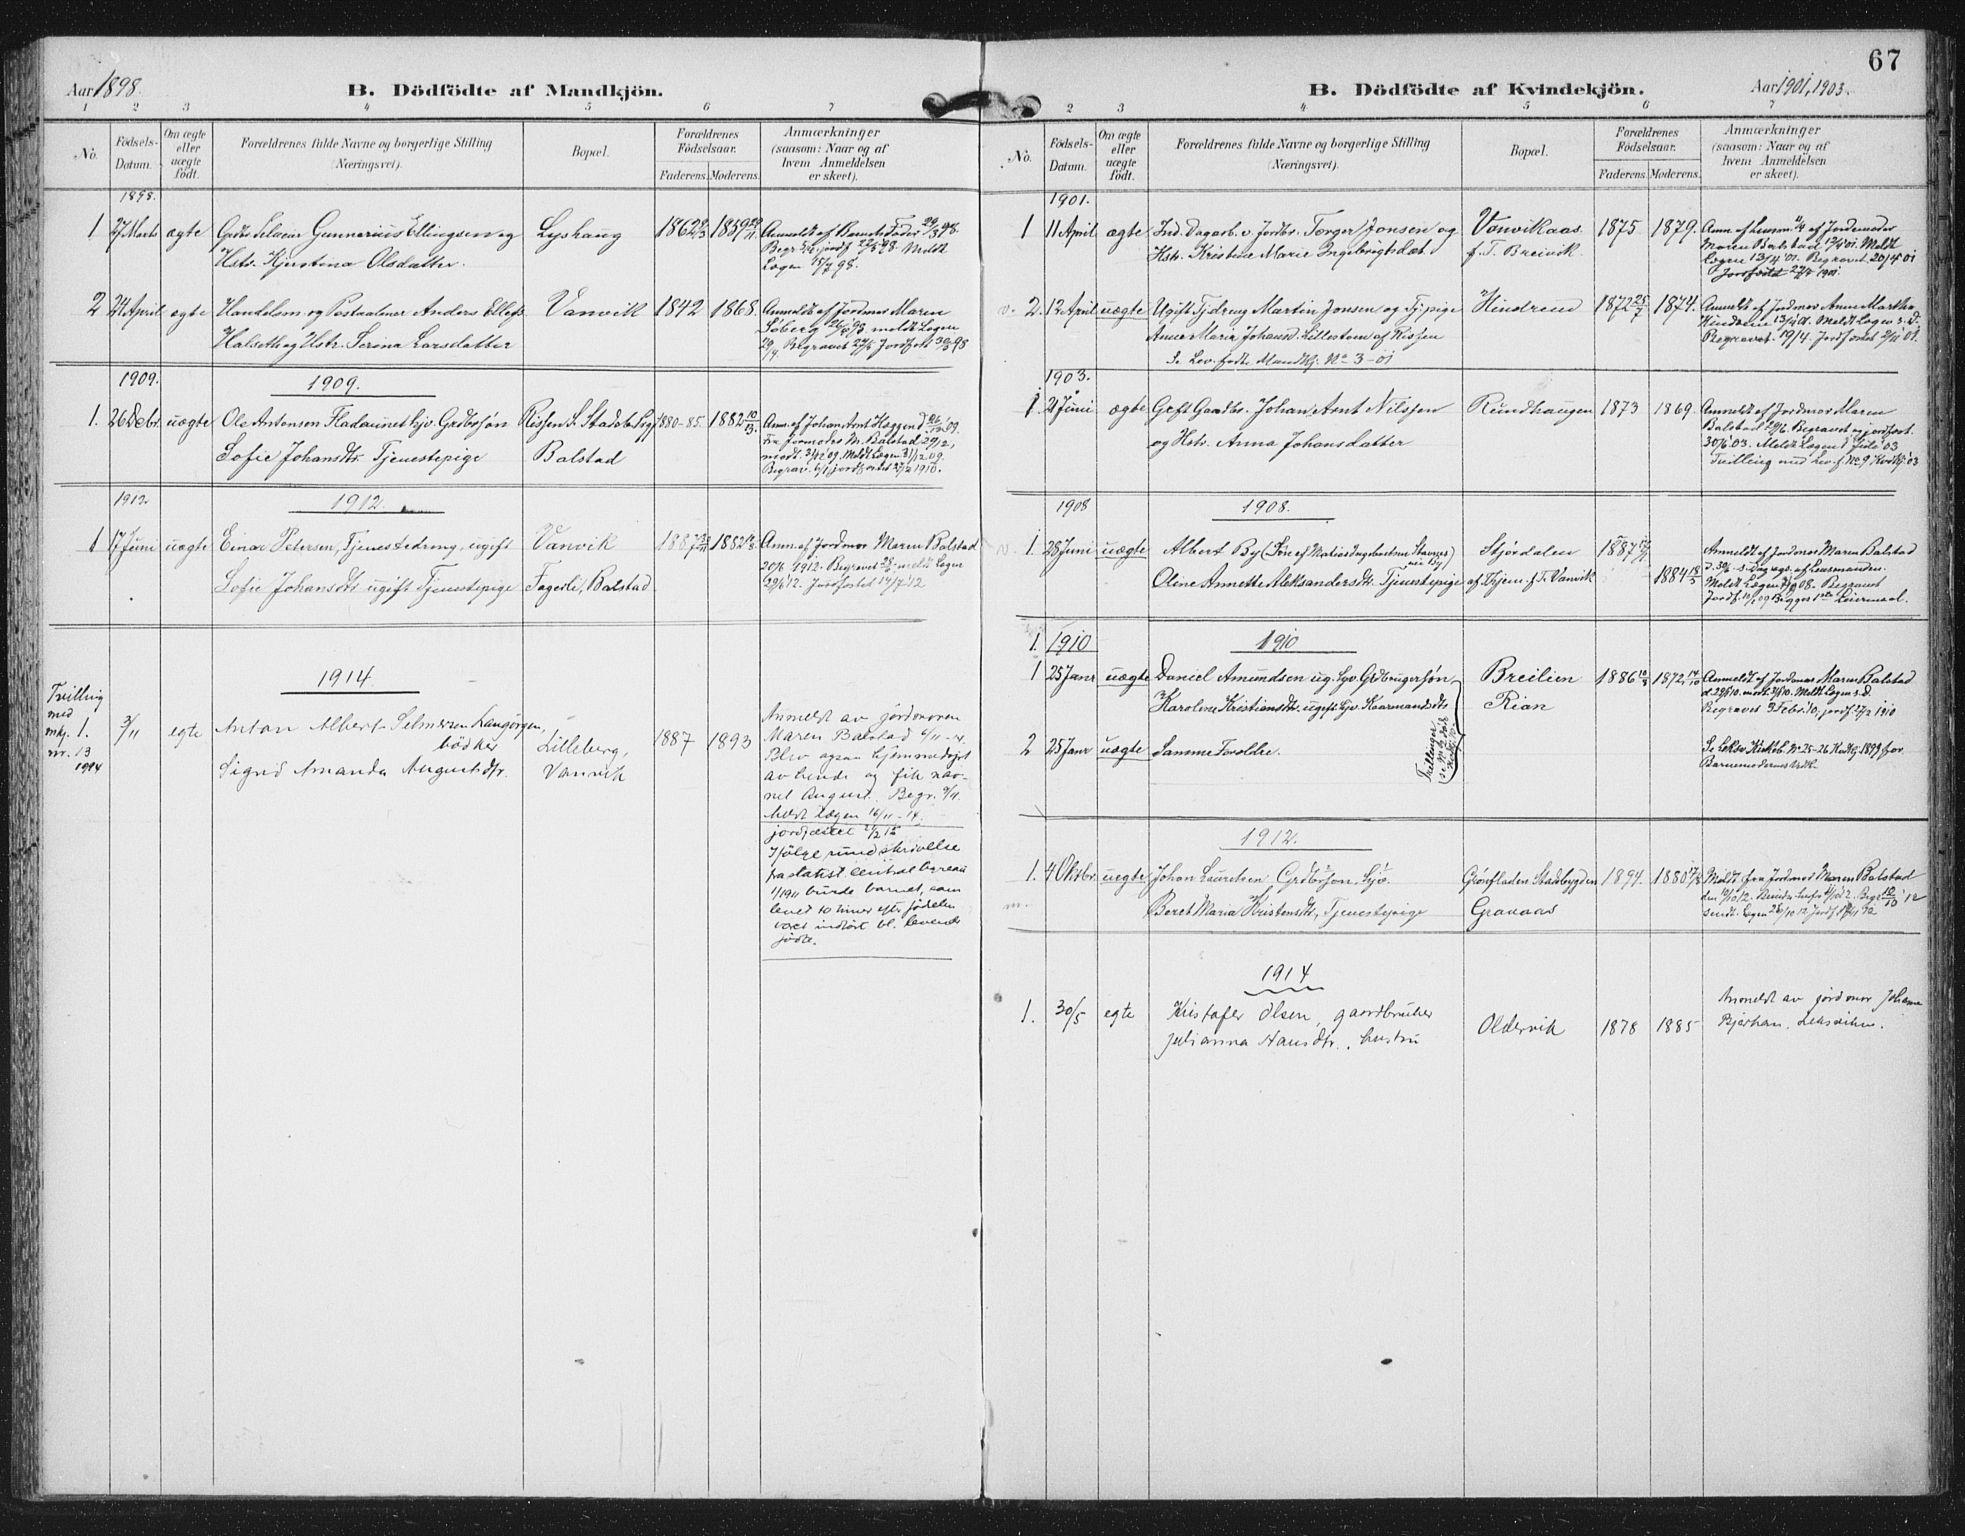 SAT, Ministerialprotokoller, klokkerbøker og fødselsregistre - Nord-Trøndelag, 702/L0024: Ministerialbok nr. 702A02, 1898-1914, s. 67